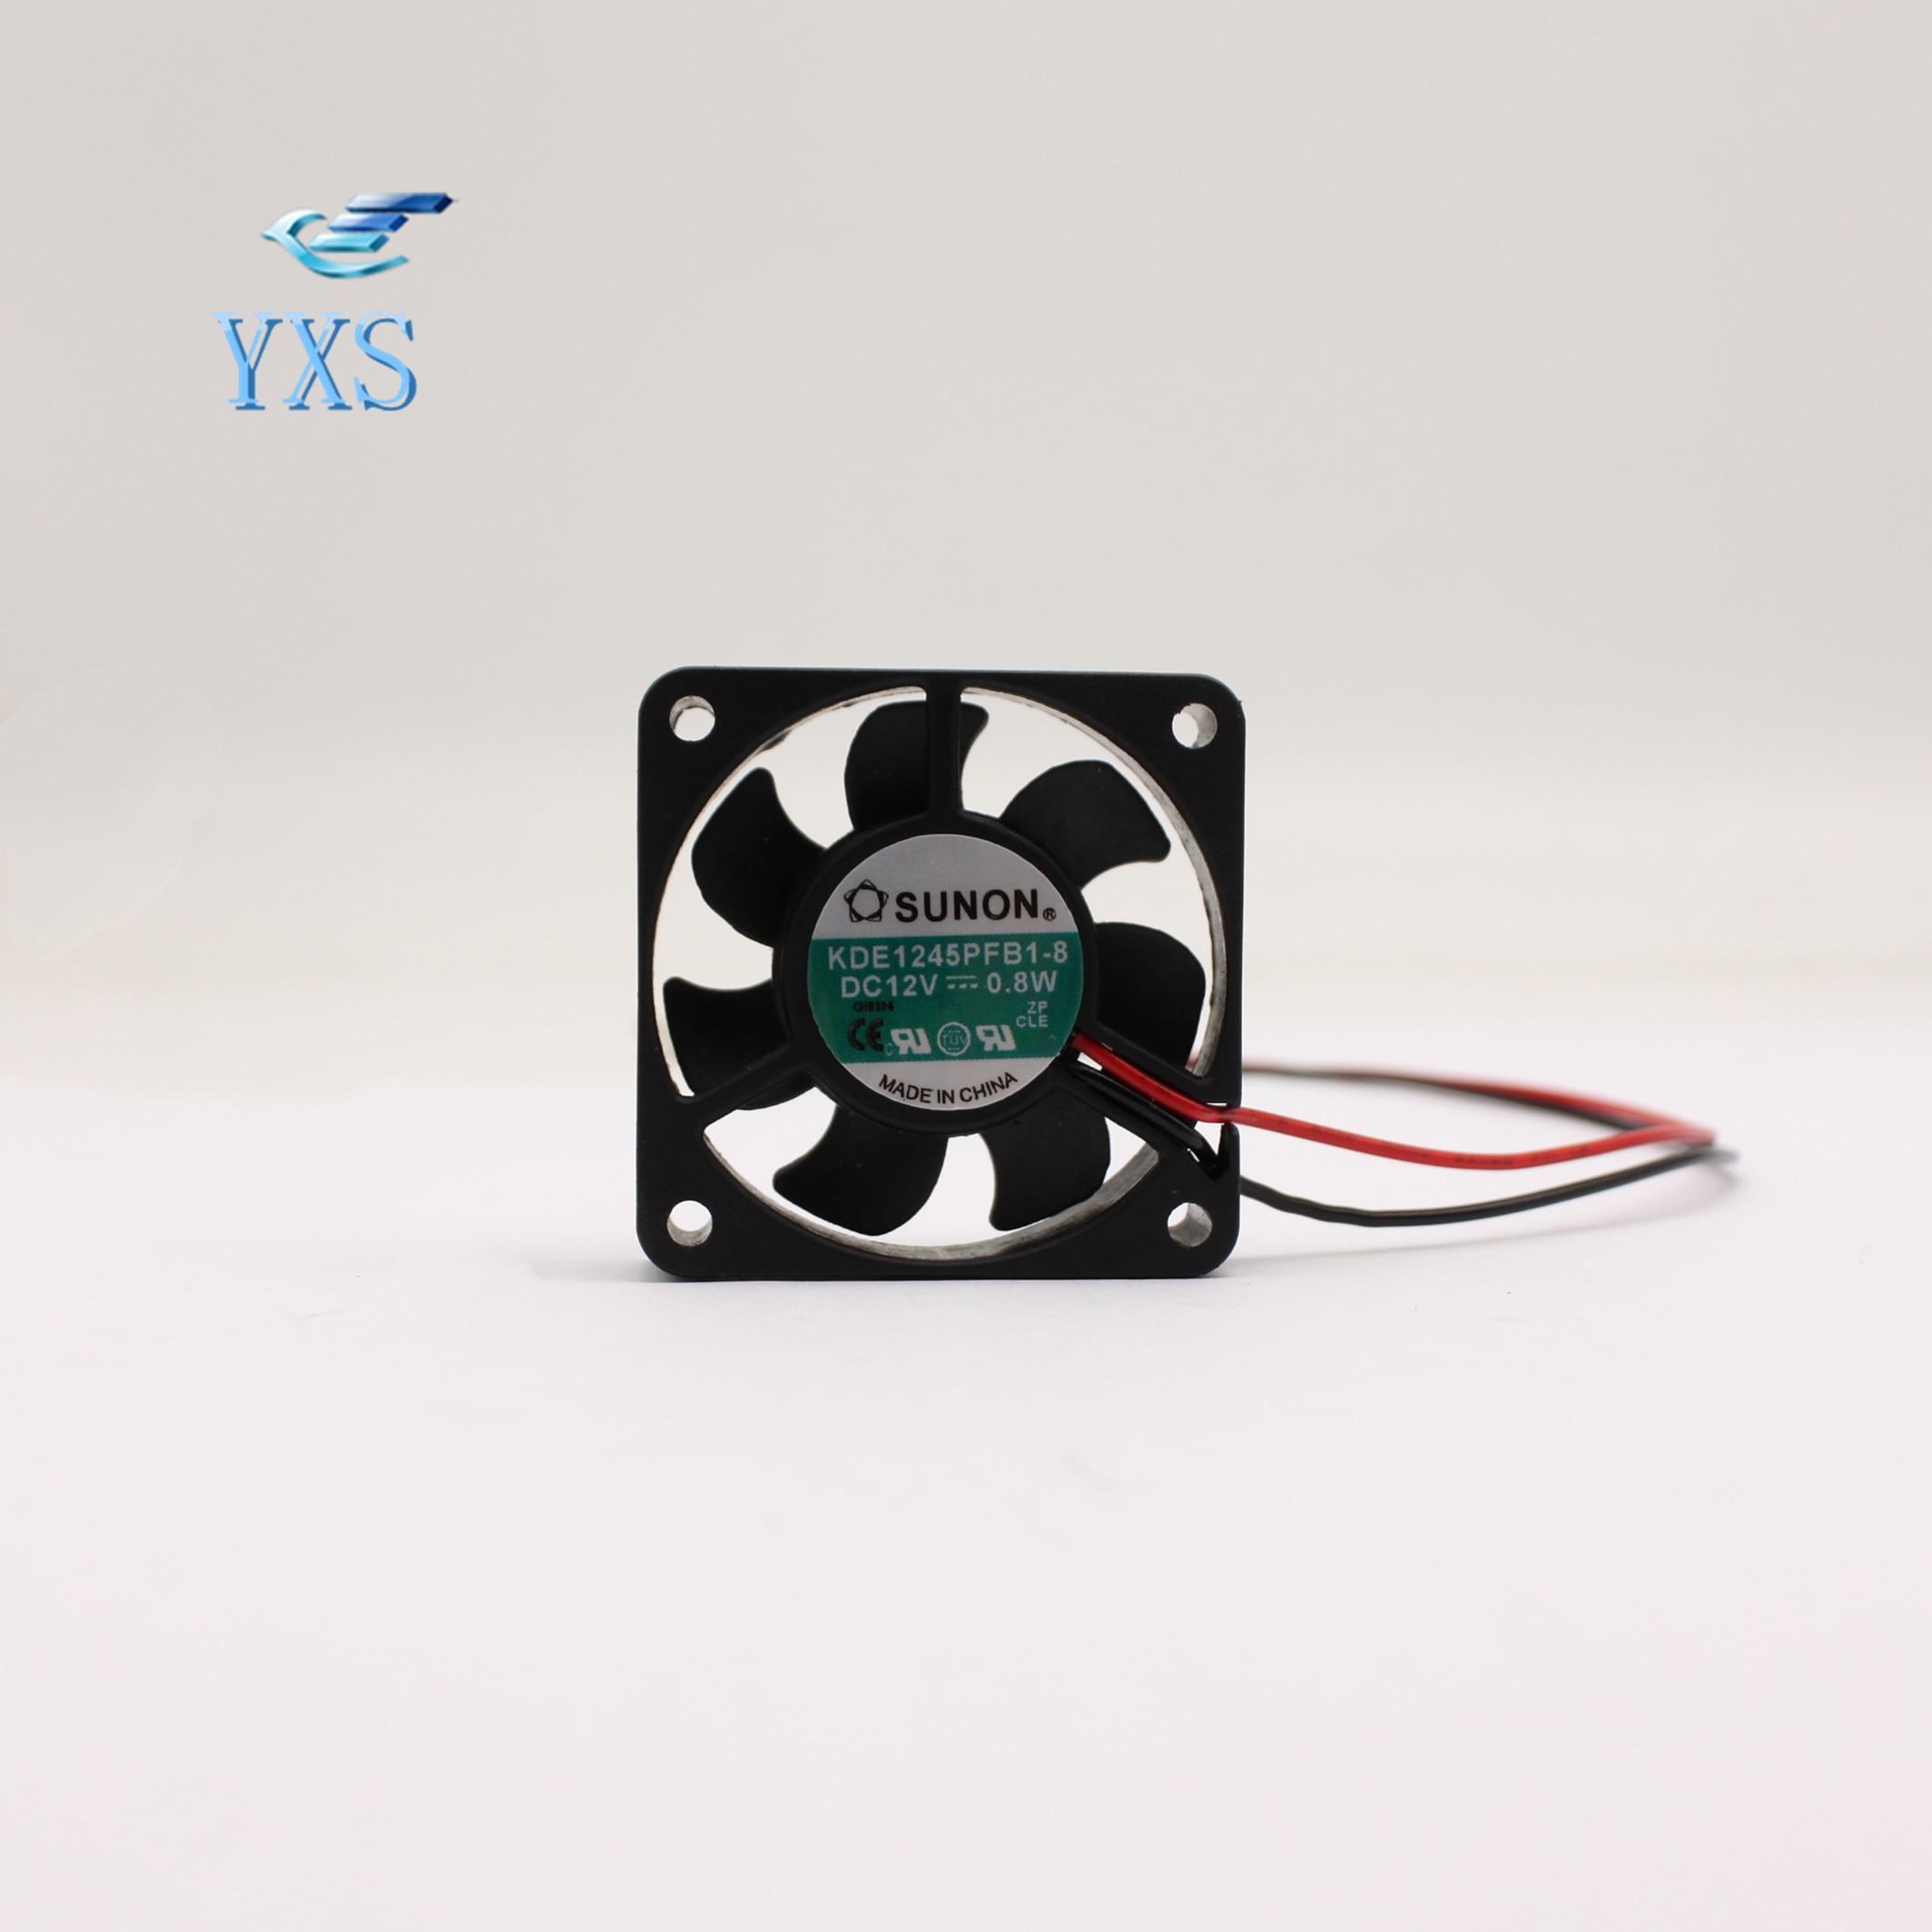 KDE1245PFB1-8 DC 12V 12V 0,8 W 4510 4CM 45*45*10mm 2 cables mudo silencioso de refrigeración ventilador